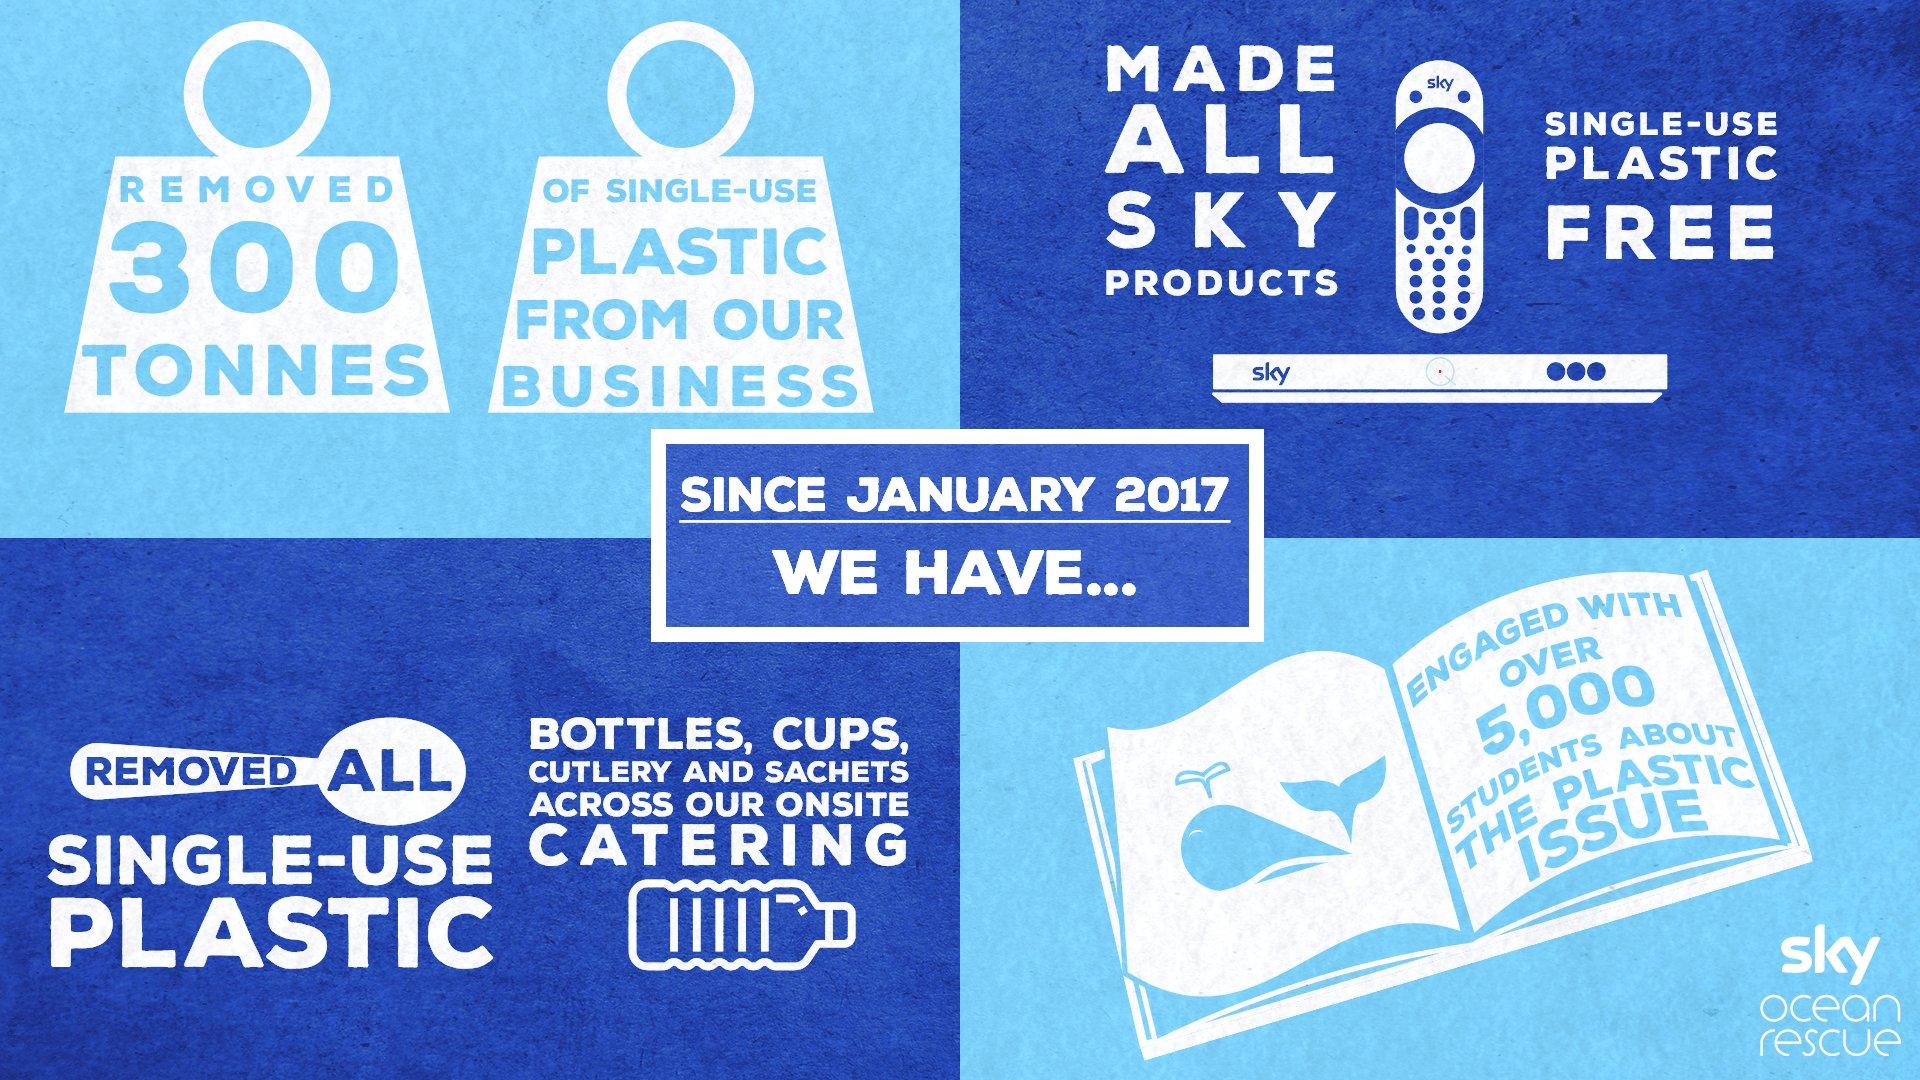 Sky Ocean Rescue, da 3 anni impegno nel rimuovere la plastica monouso